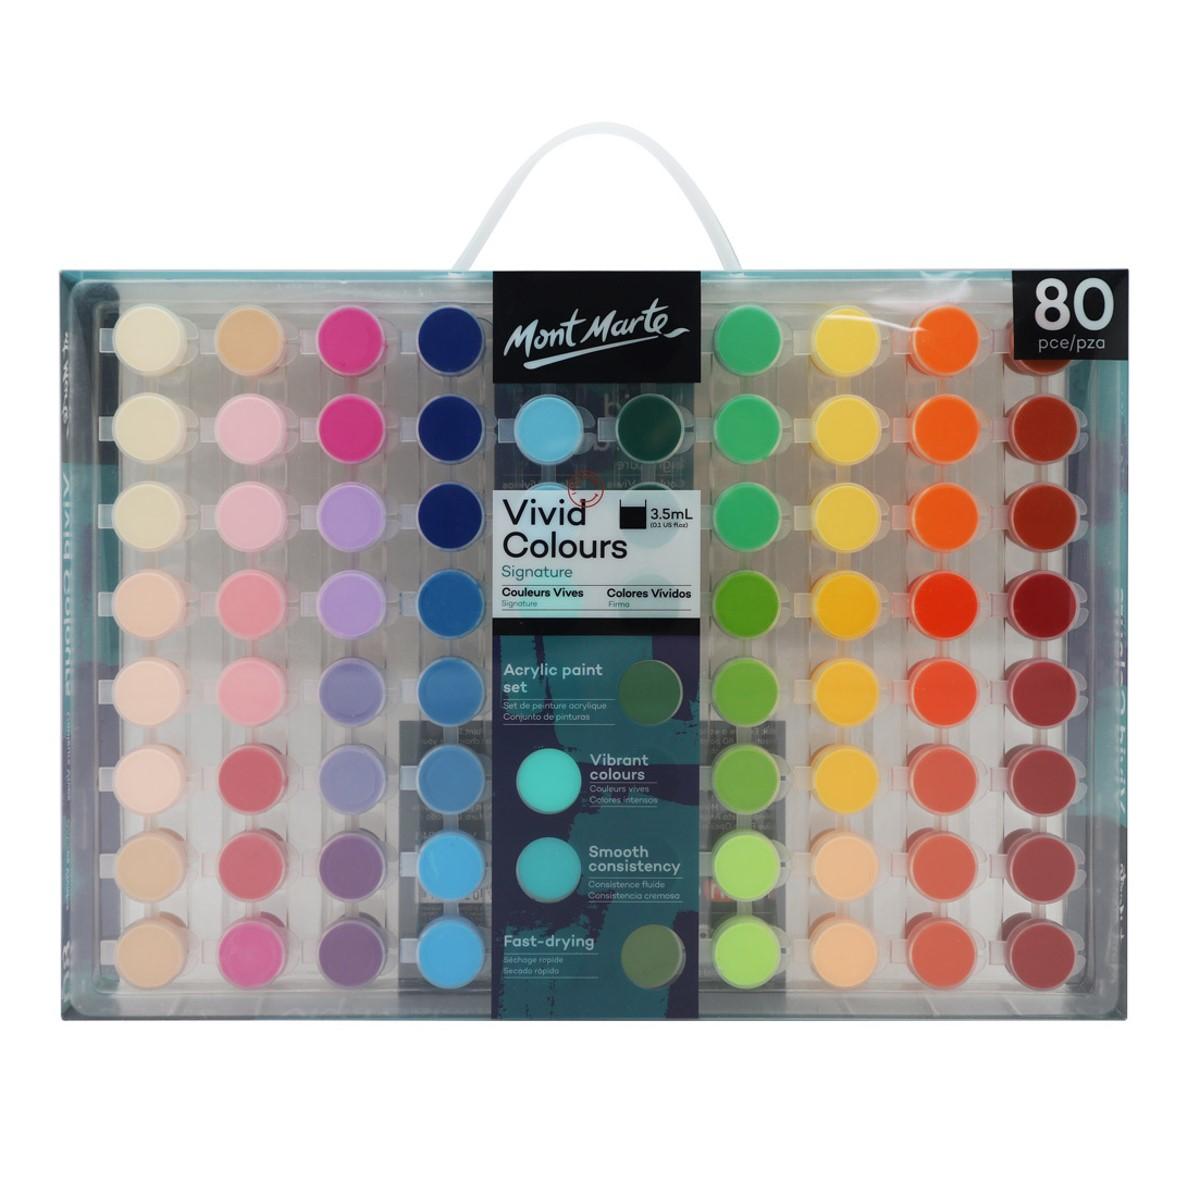 Vivid Colours Acrylic Paint Set 80pc